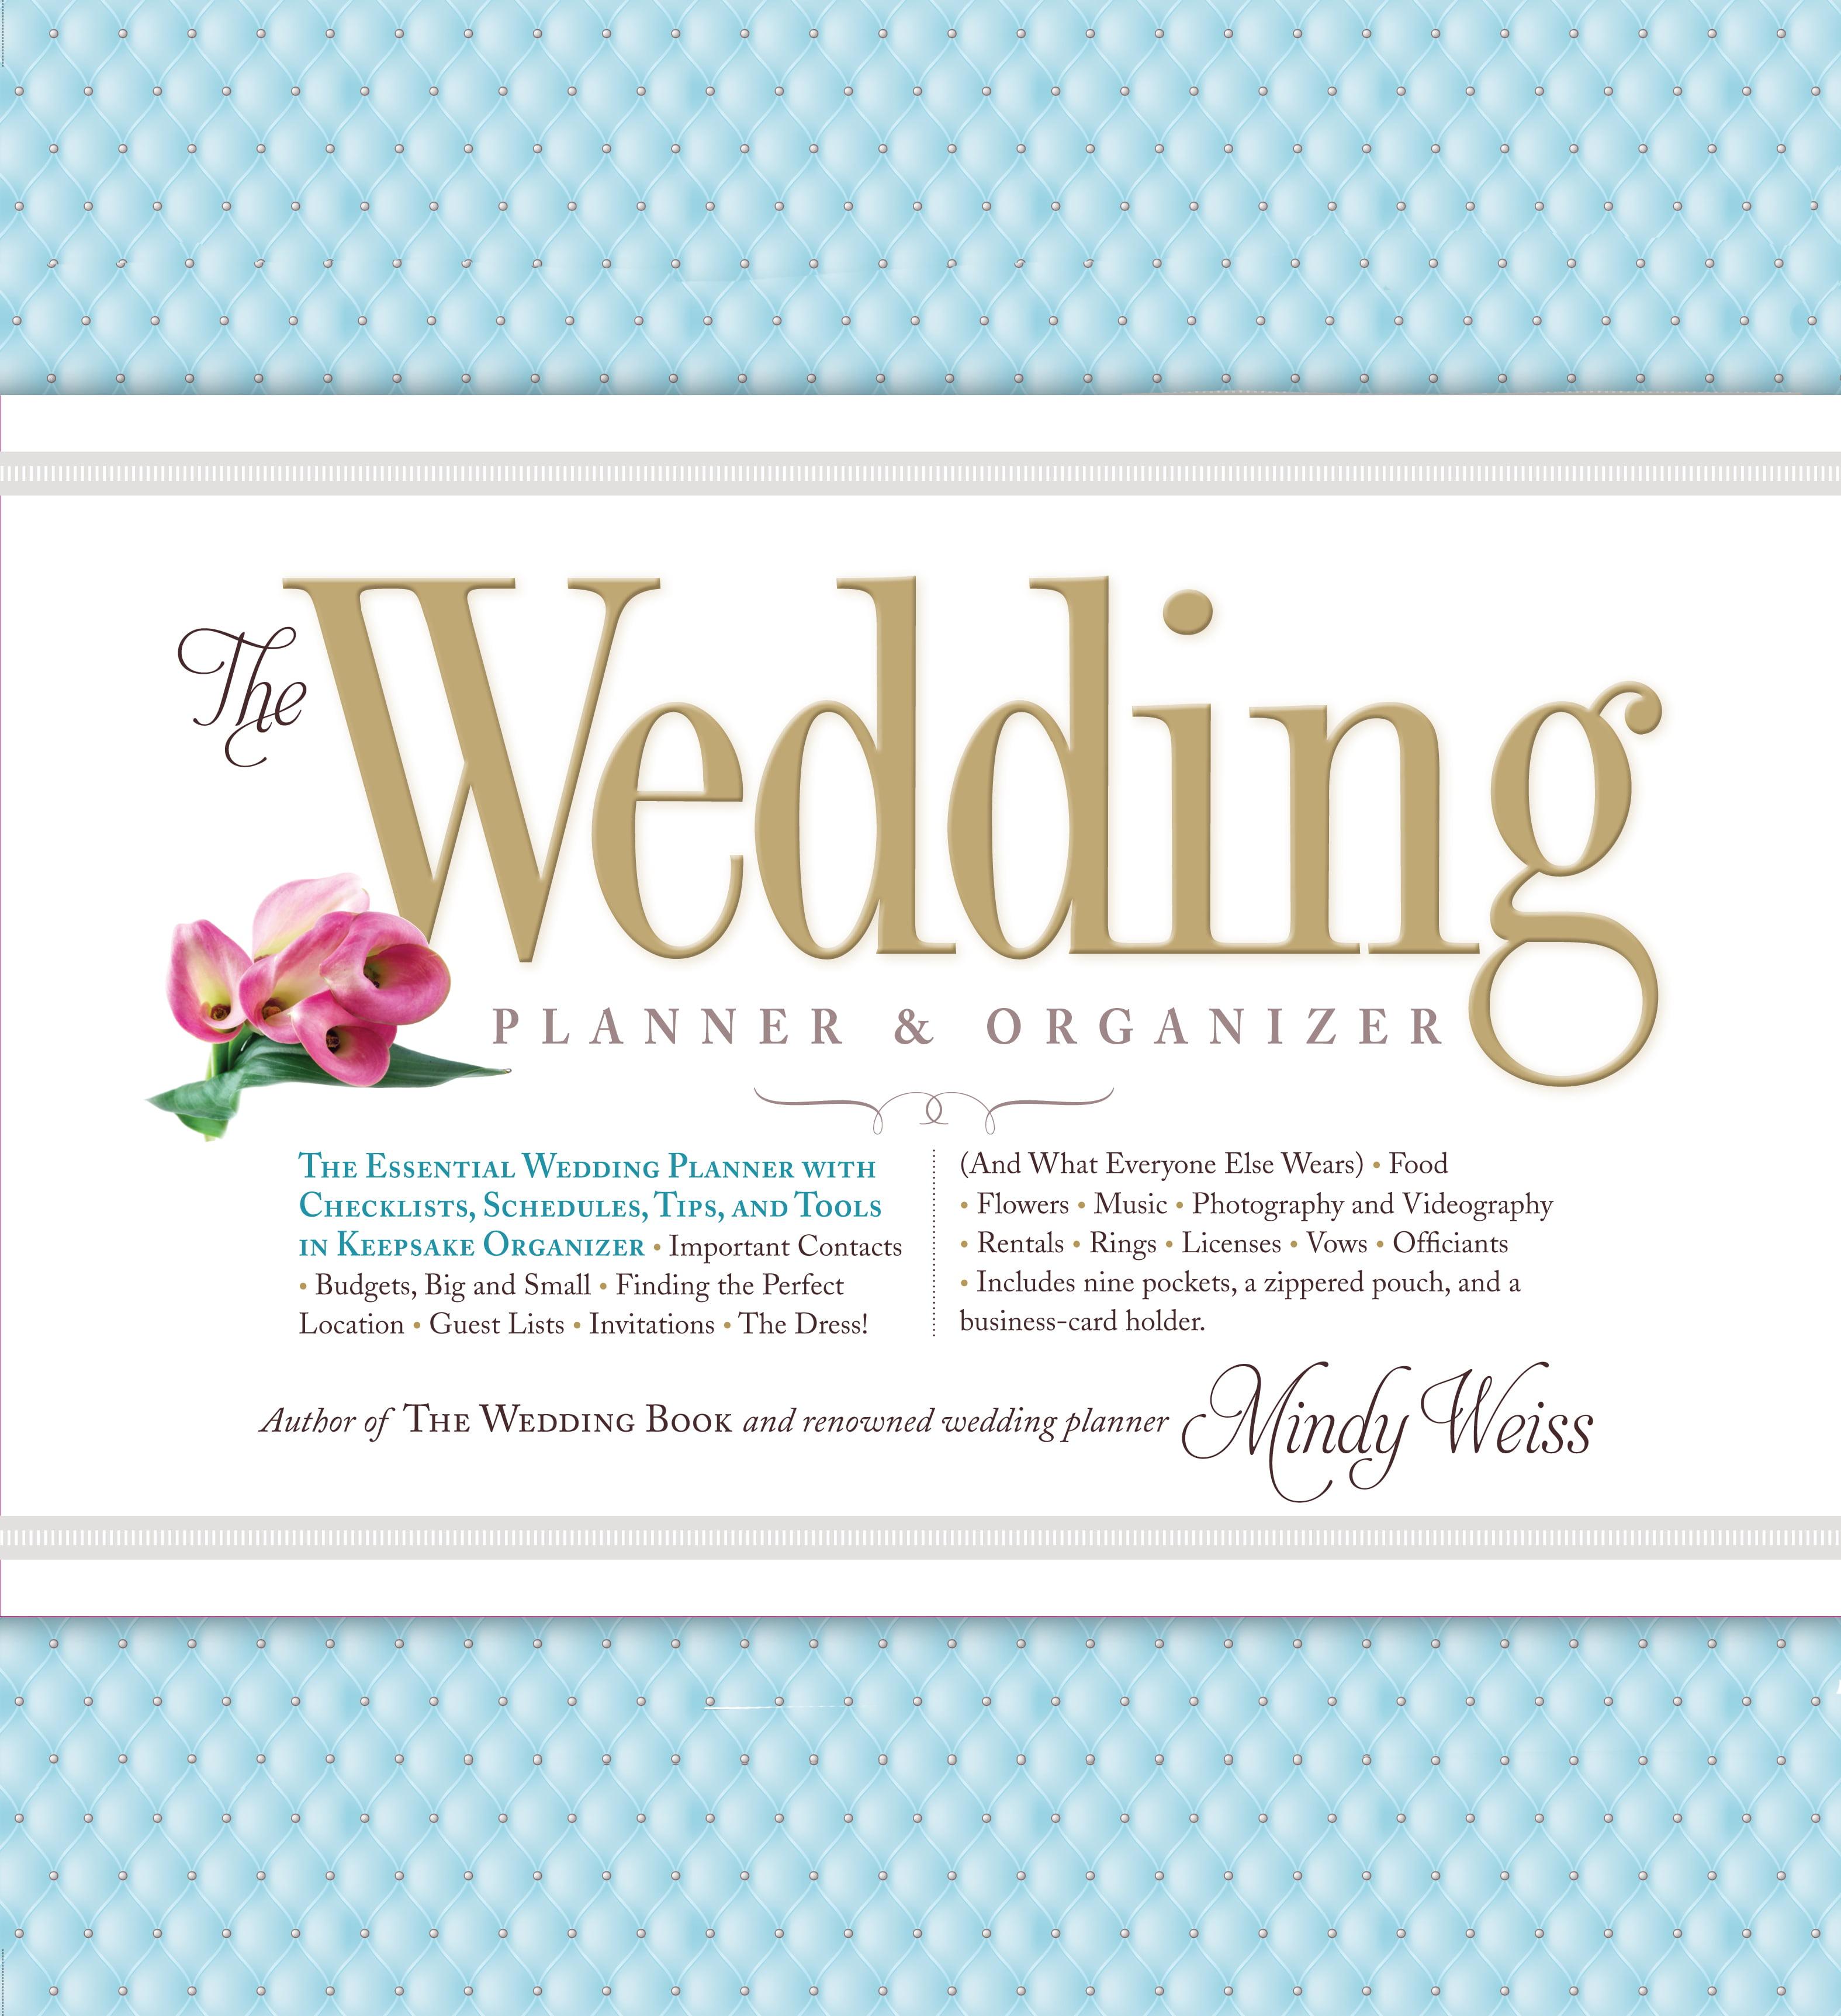 Wedding Planner & Organizer - Hardcover